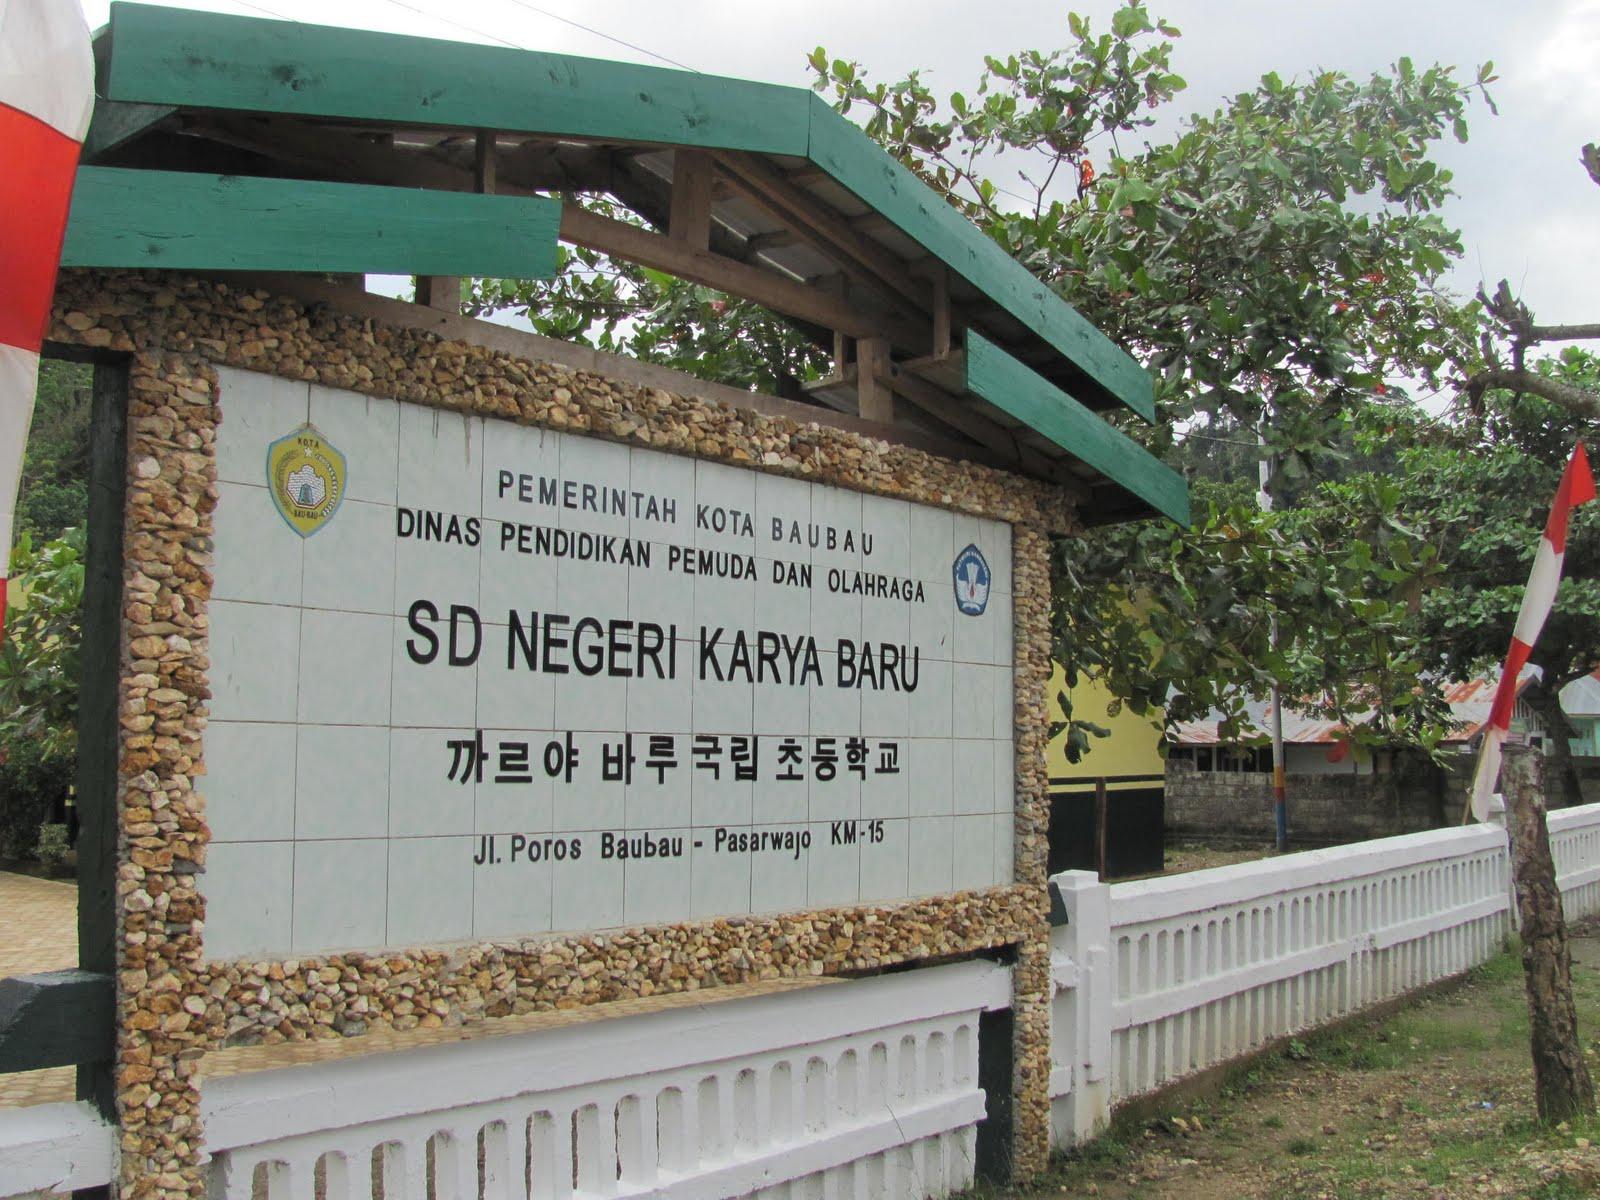 https://upload.wikimedia.org/wikipedia/commons/a/a1/State_Elementary_School_Karya_Baru.jpg